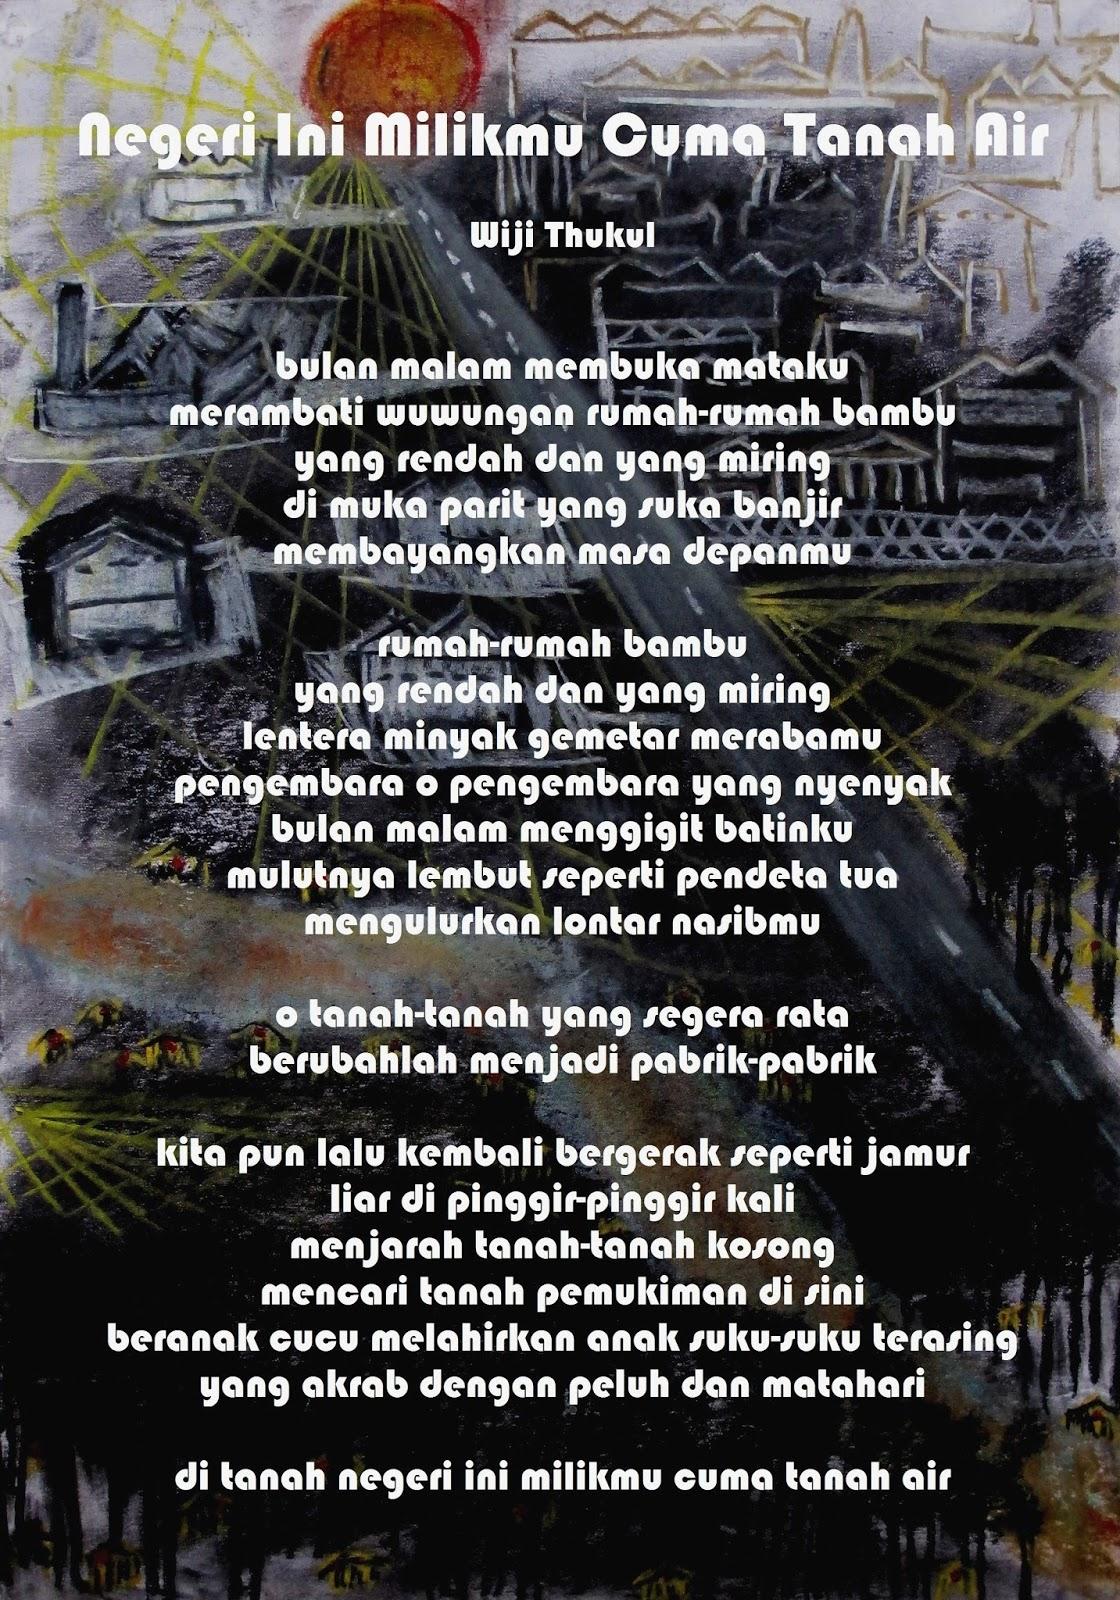 Negeri Ini Milikmu Cuma Tanah Air Puisi Puisi Wiji Thukul 30